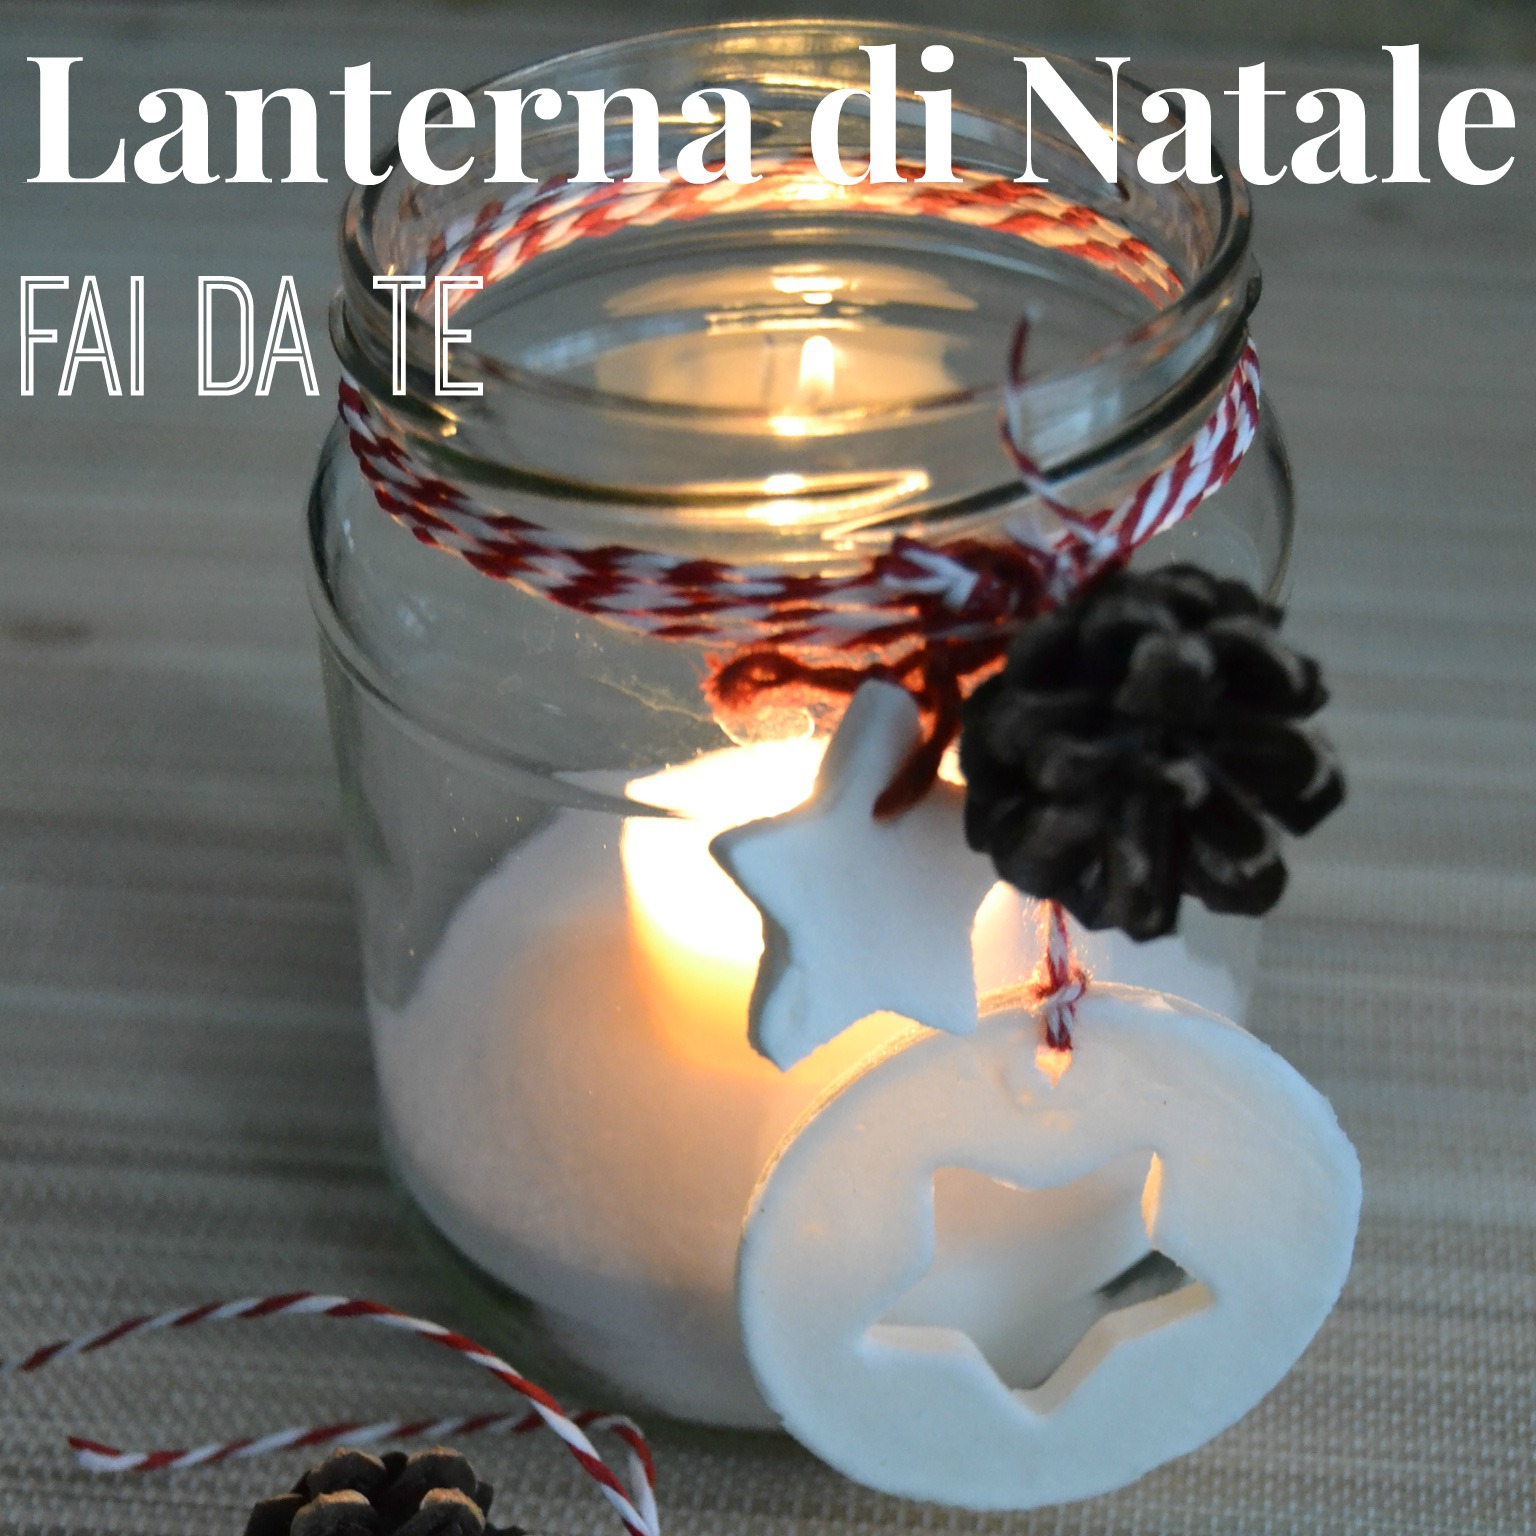 Come Fare Una Lanterna Di Natale Con Un Barattolo Di Vetro BabyGreen #B67515 1536 1536 Armadietti Cucina Fai Da Te